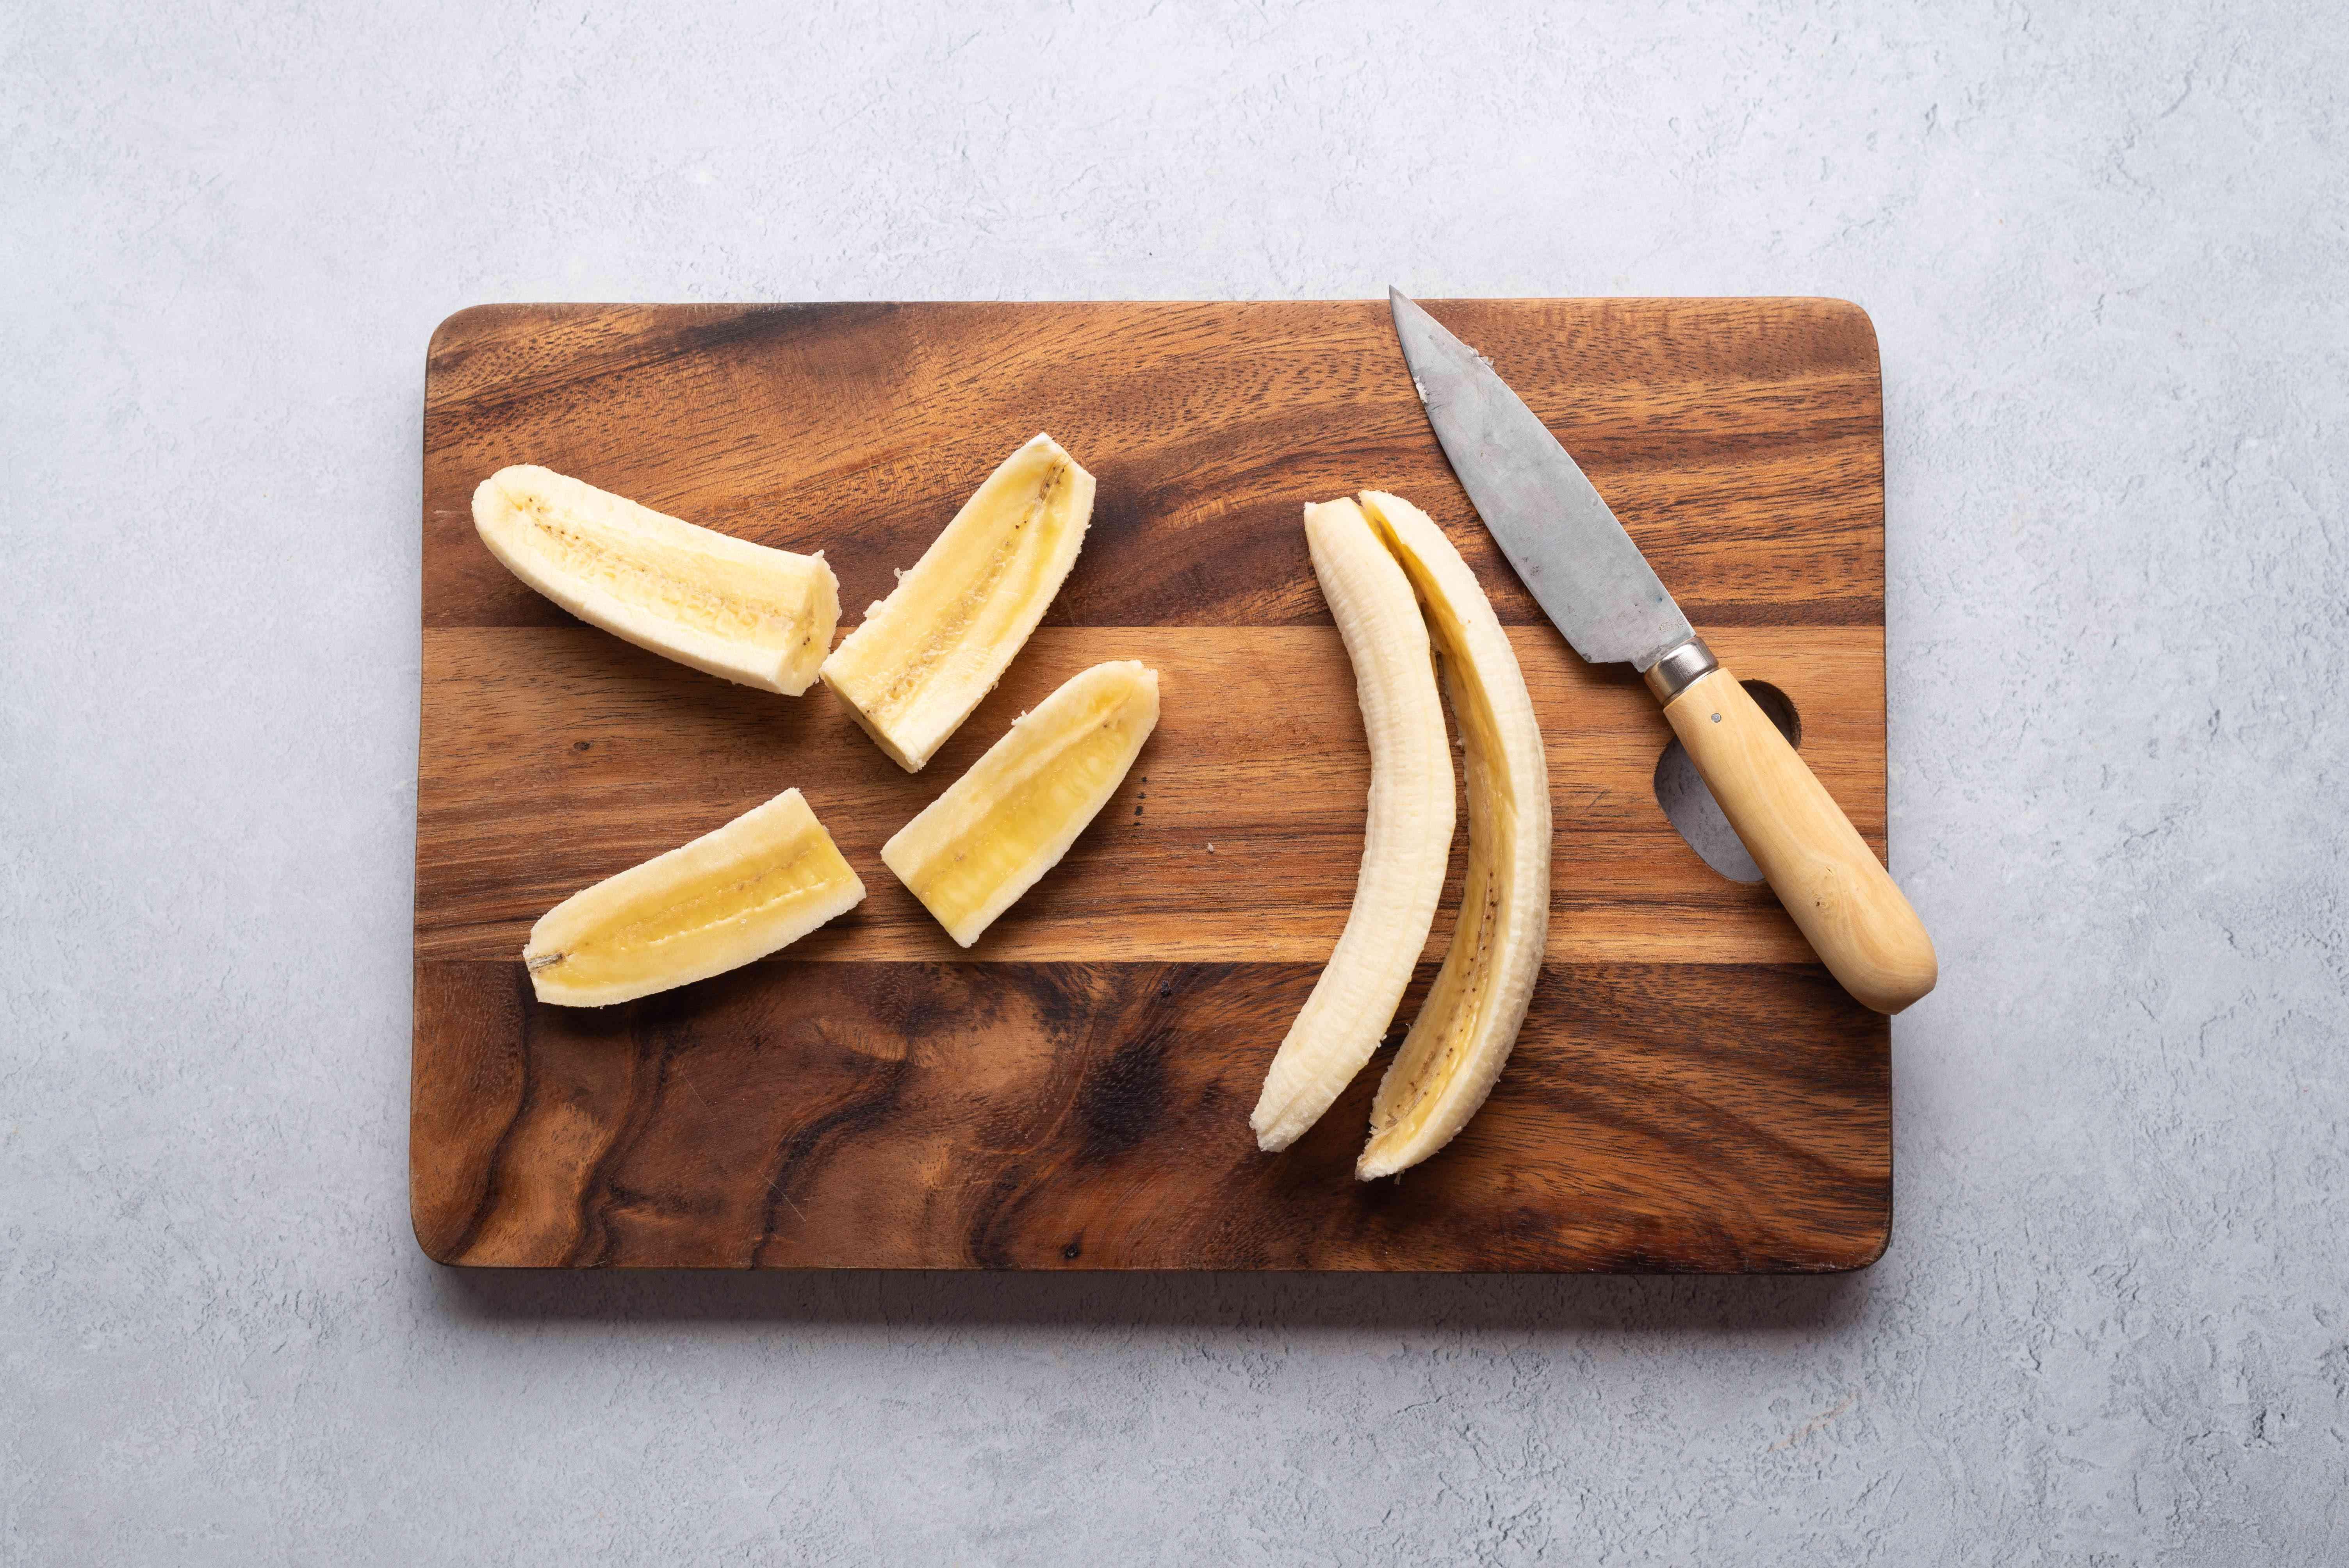 bananas cut into quarters